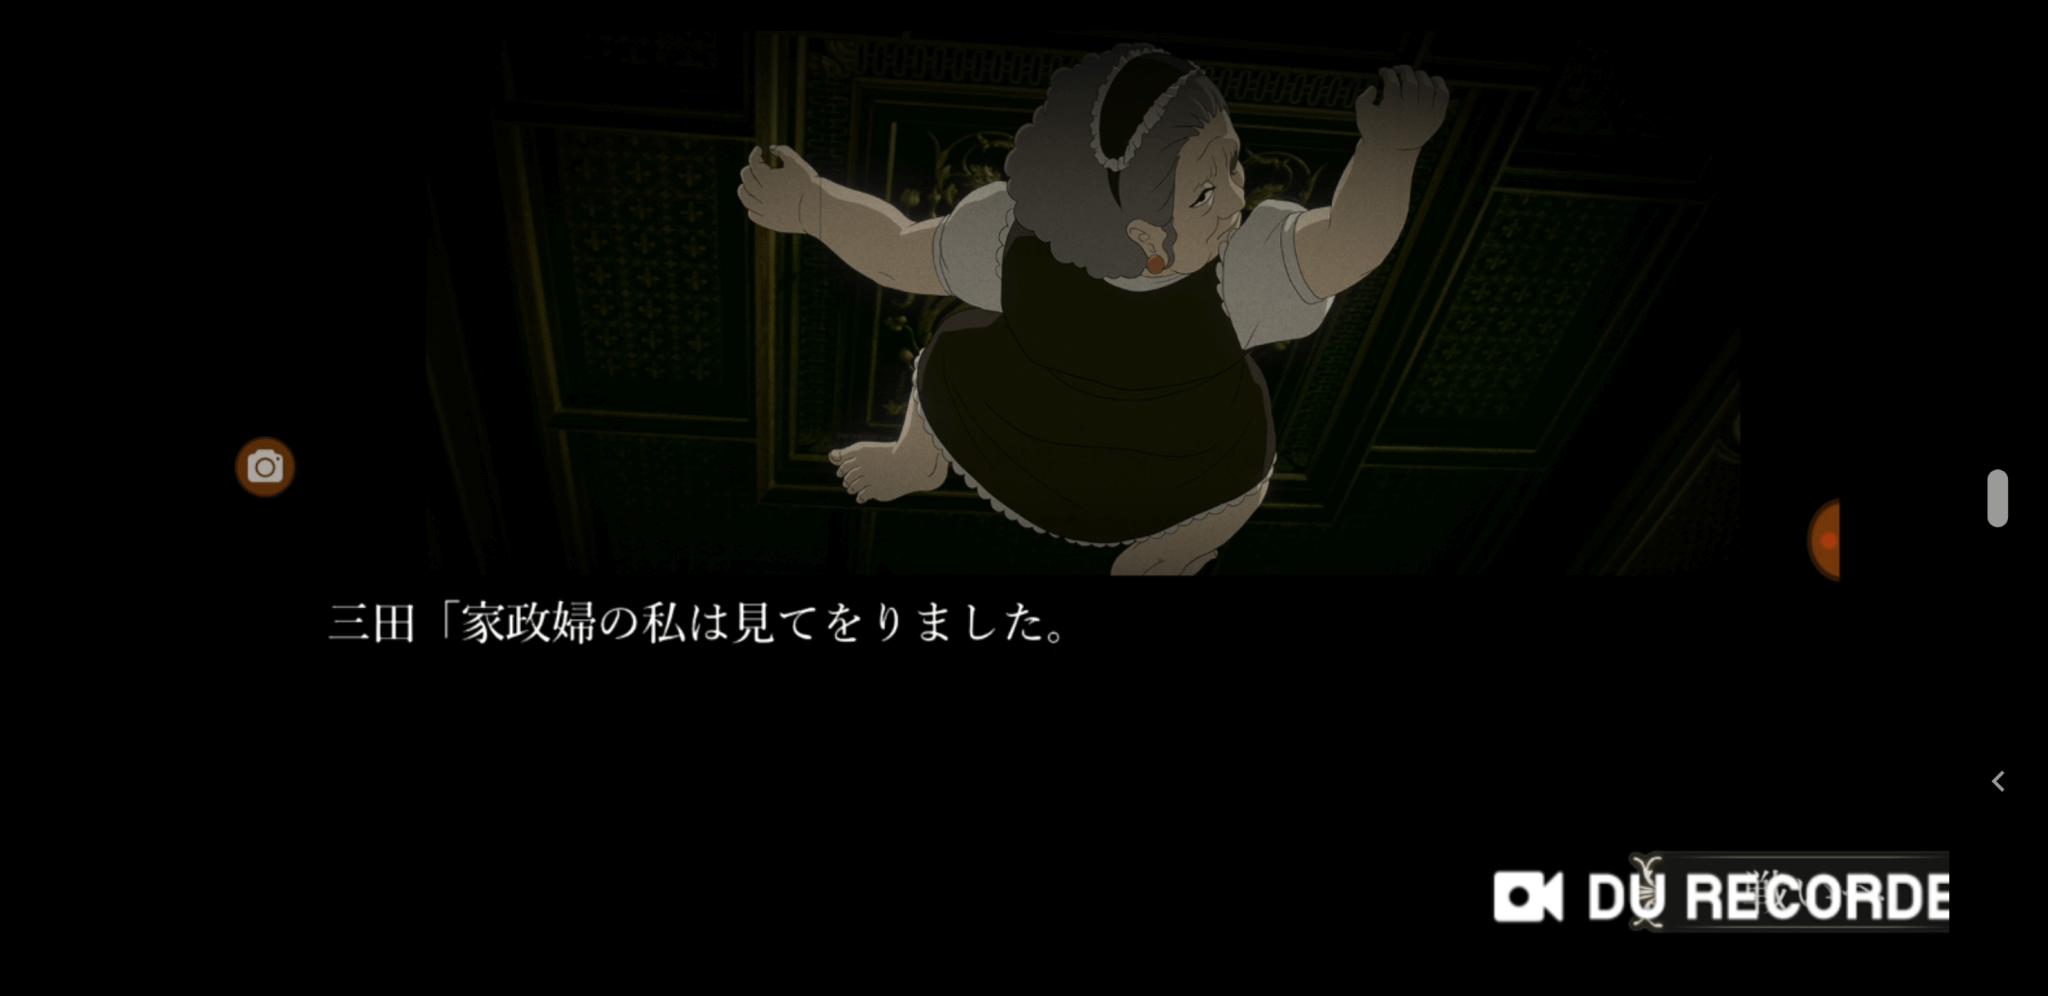 家政婦の三田、天井にへばりついて登場